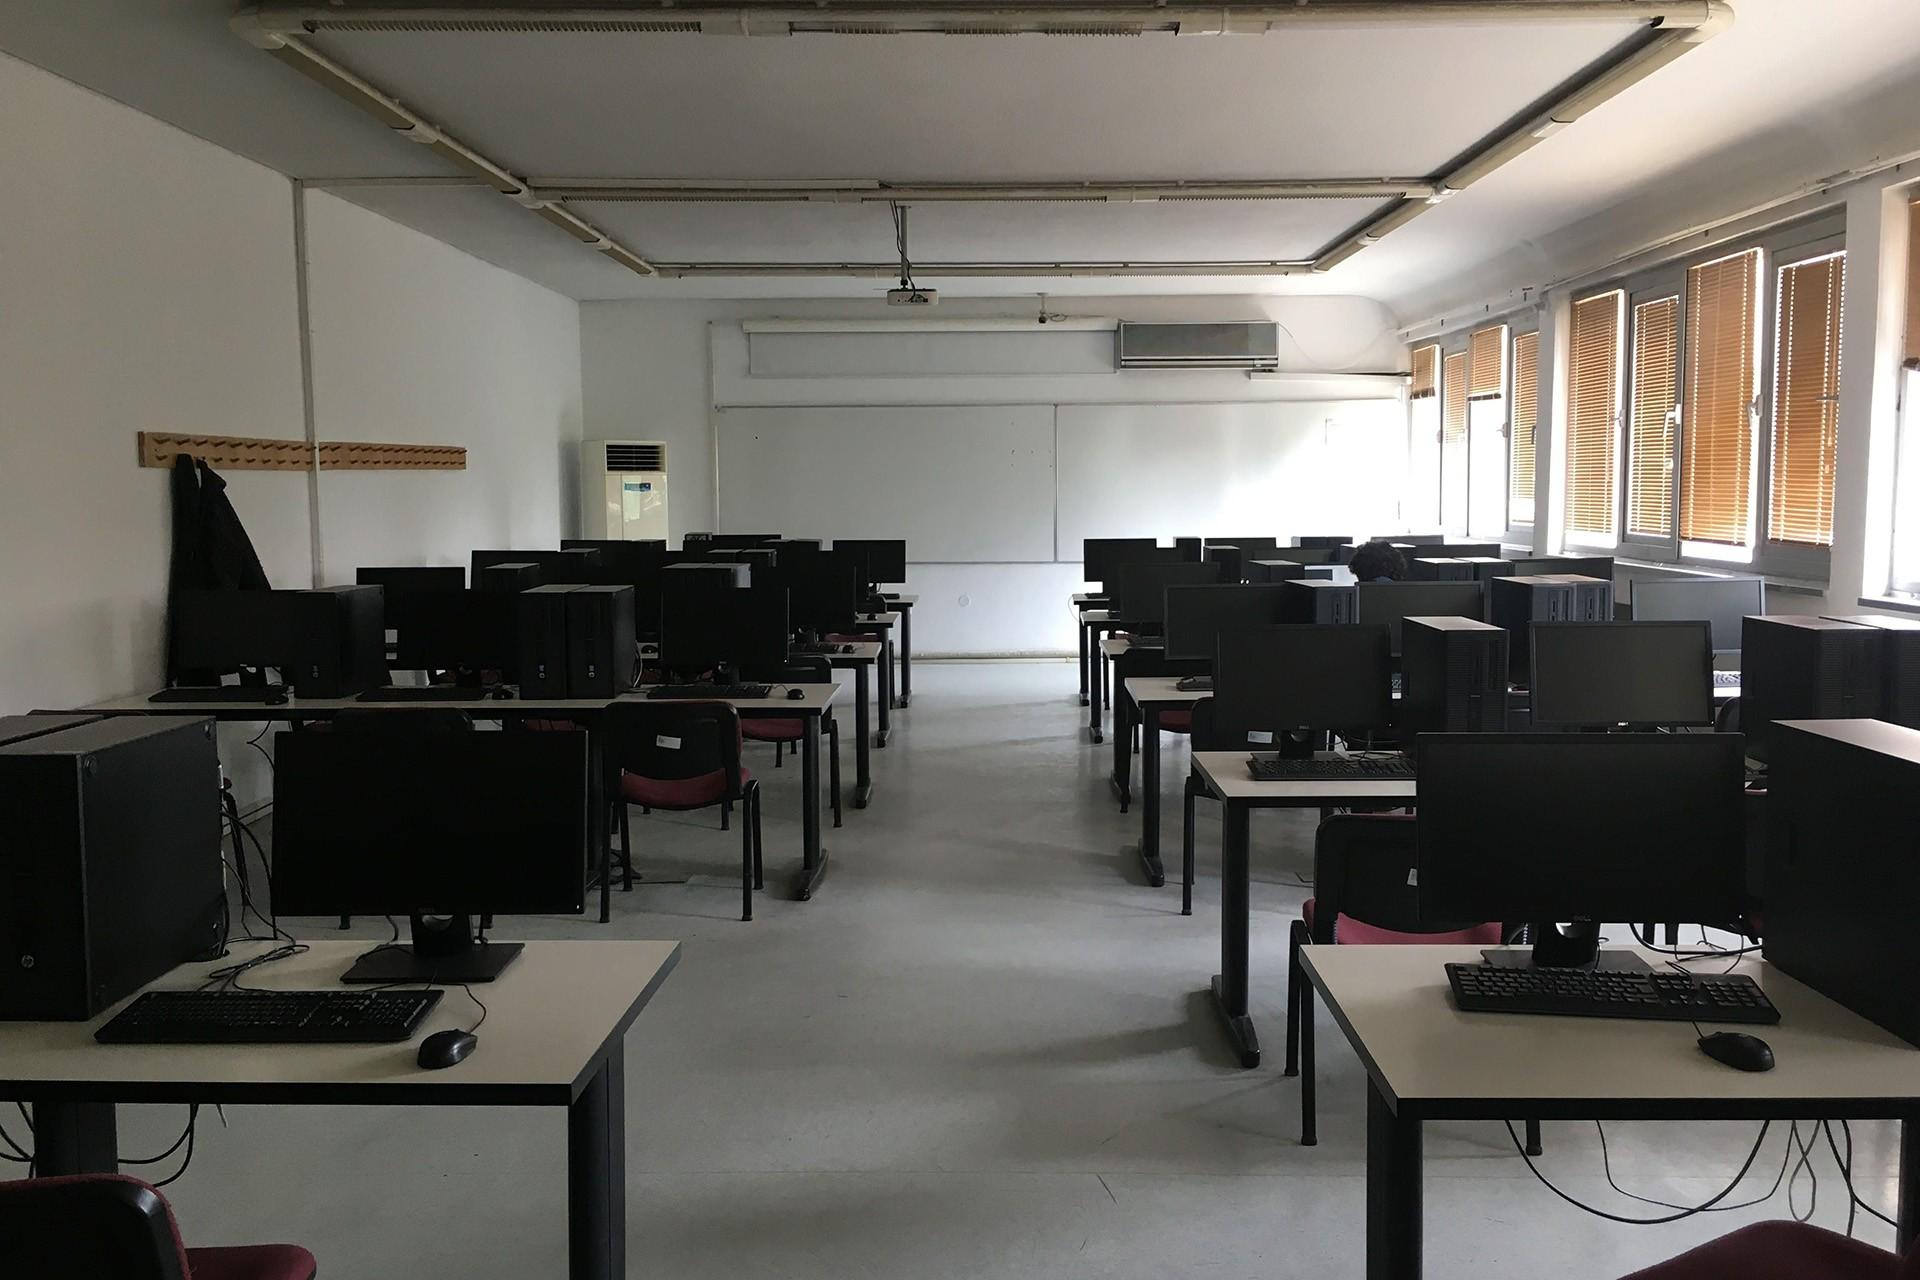 ODTÜ'lü öğrenciler: Sınıf ve laboratuvarlarda  sandalye kapmaca oynuyoruz